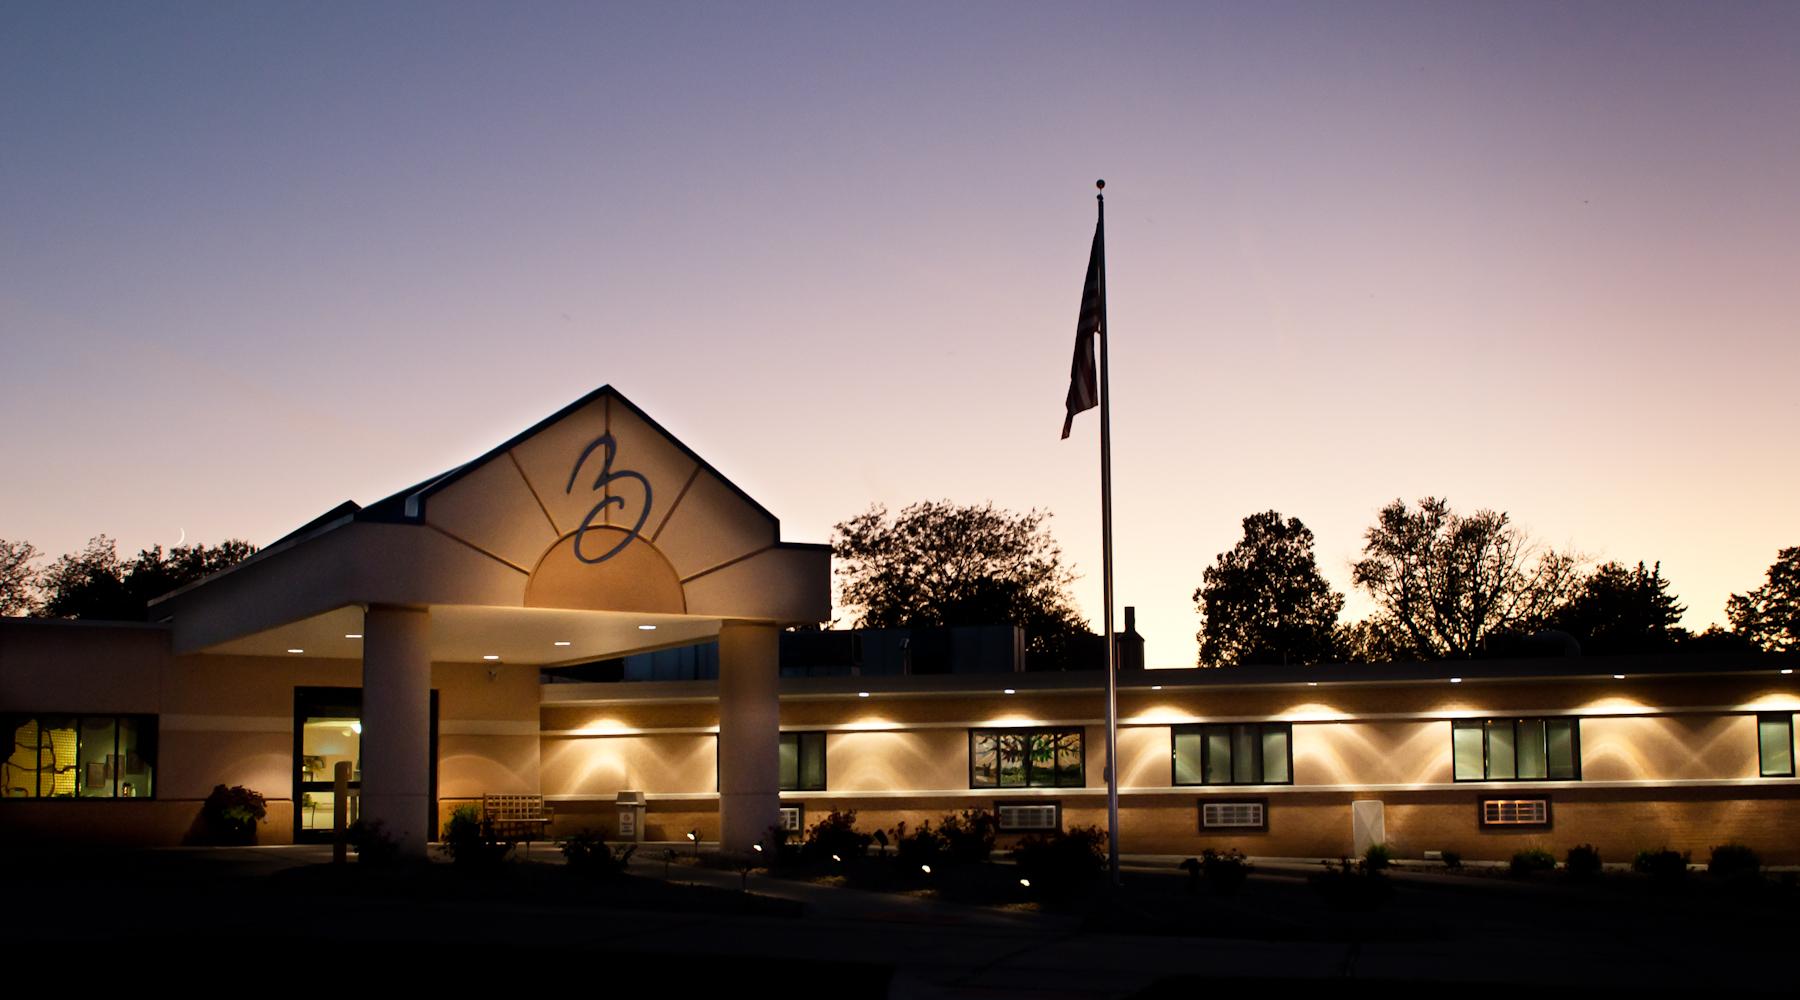 Boone County Health Center- EWM